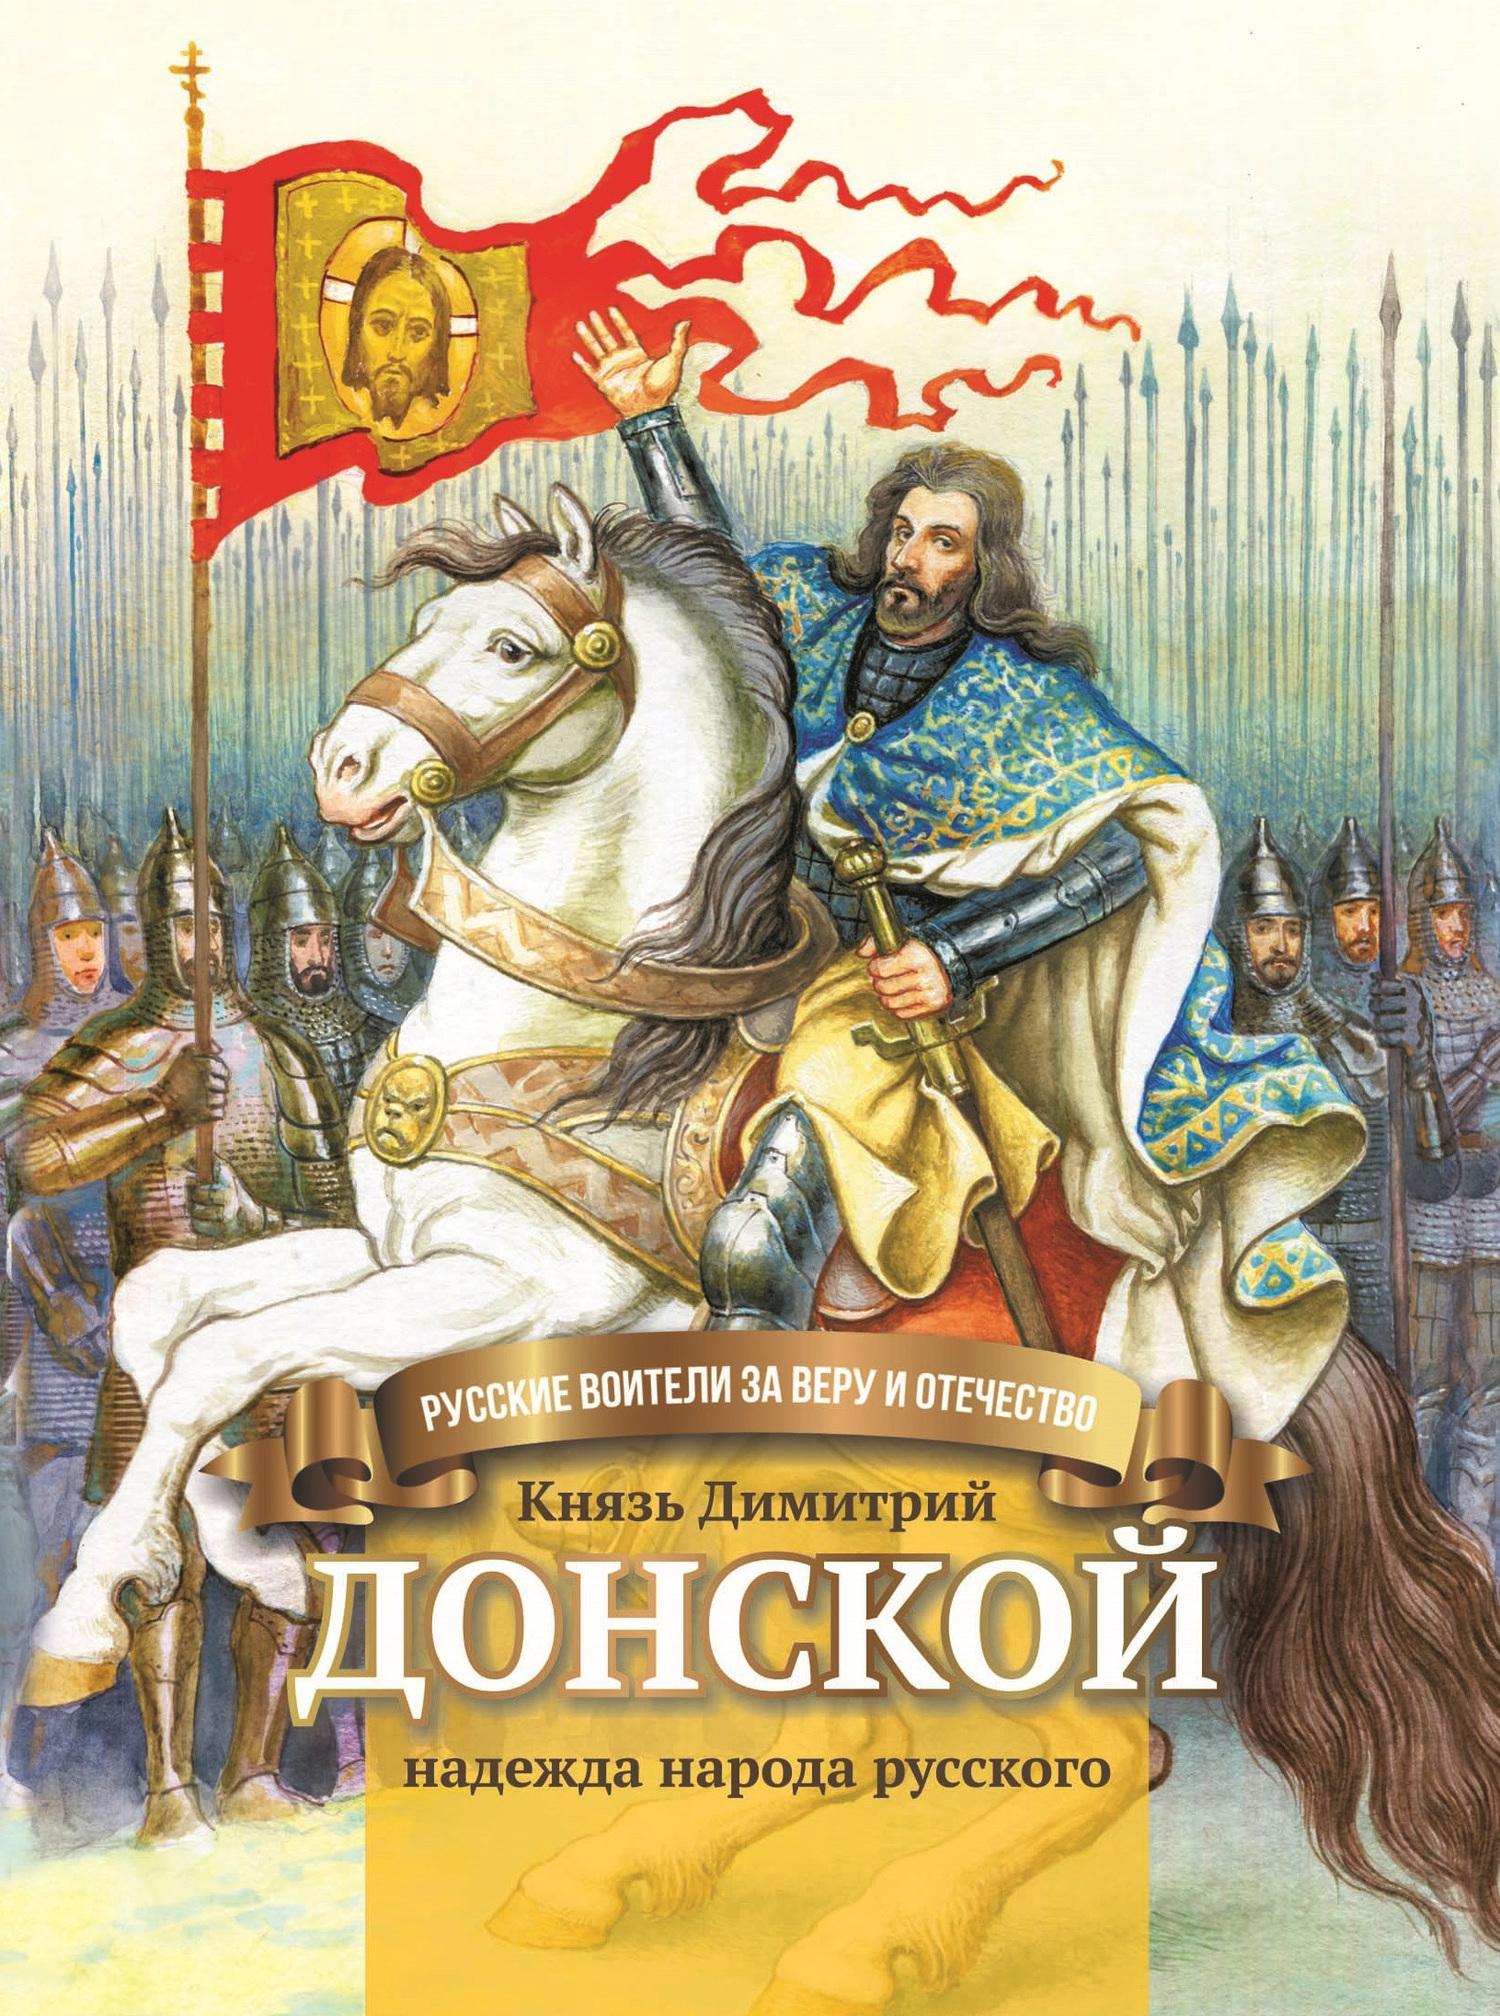 Князь Димитрий Донской – надежда народа русского